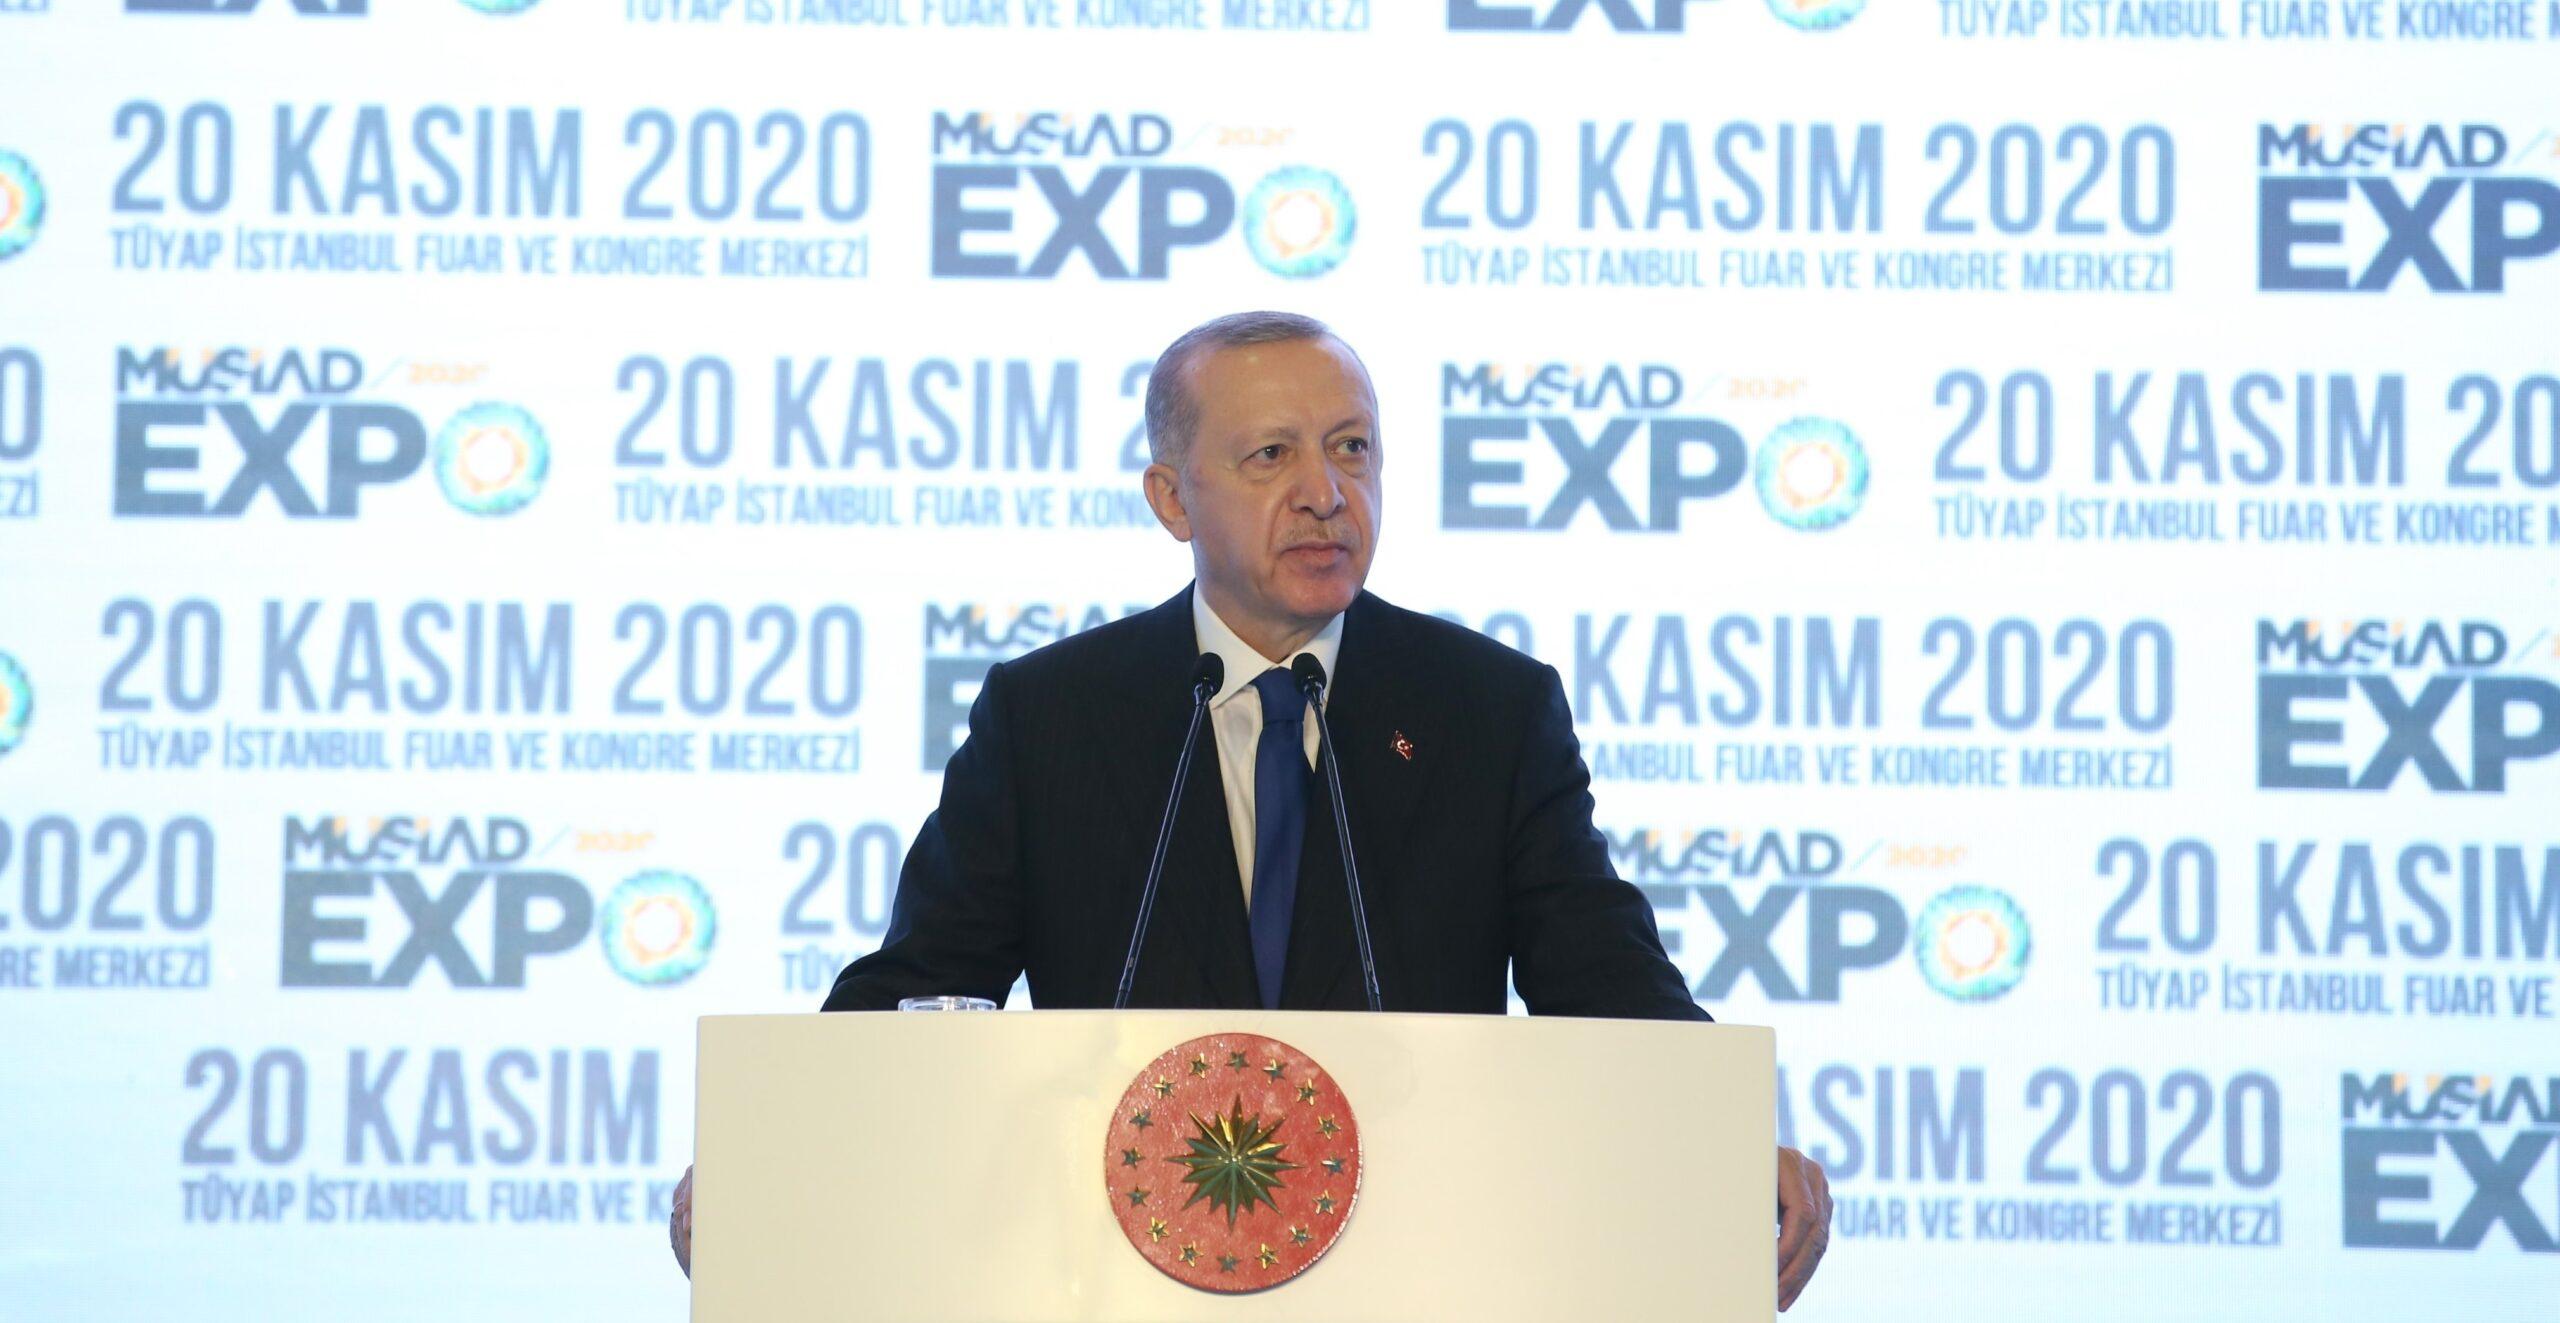 Cumhurbaşkanı: 'Ekonomi ve Hukuk reformunu en kısa sürede Meclis'e getireceğiz.'